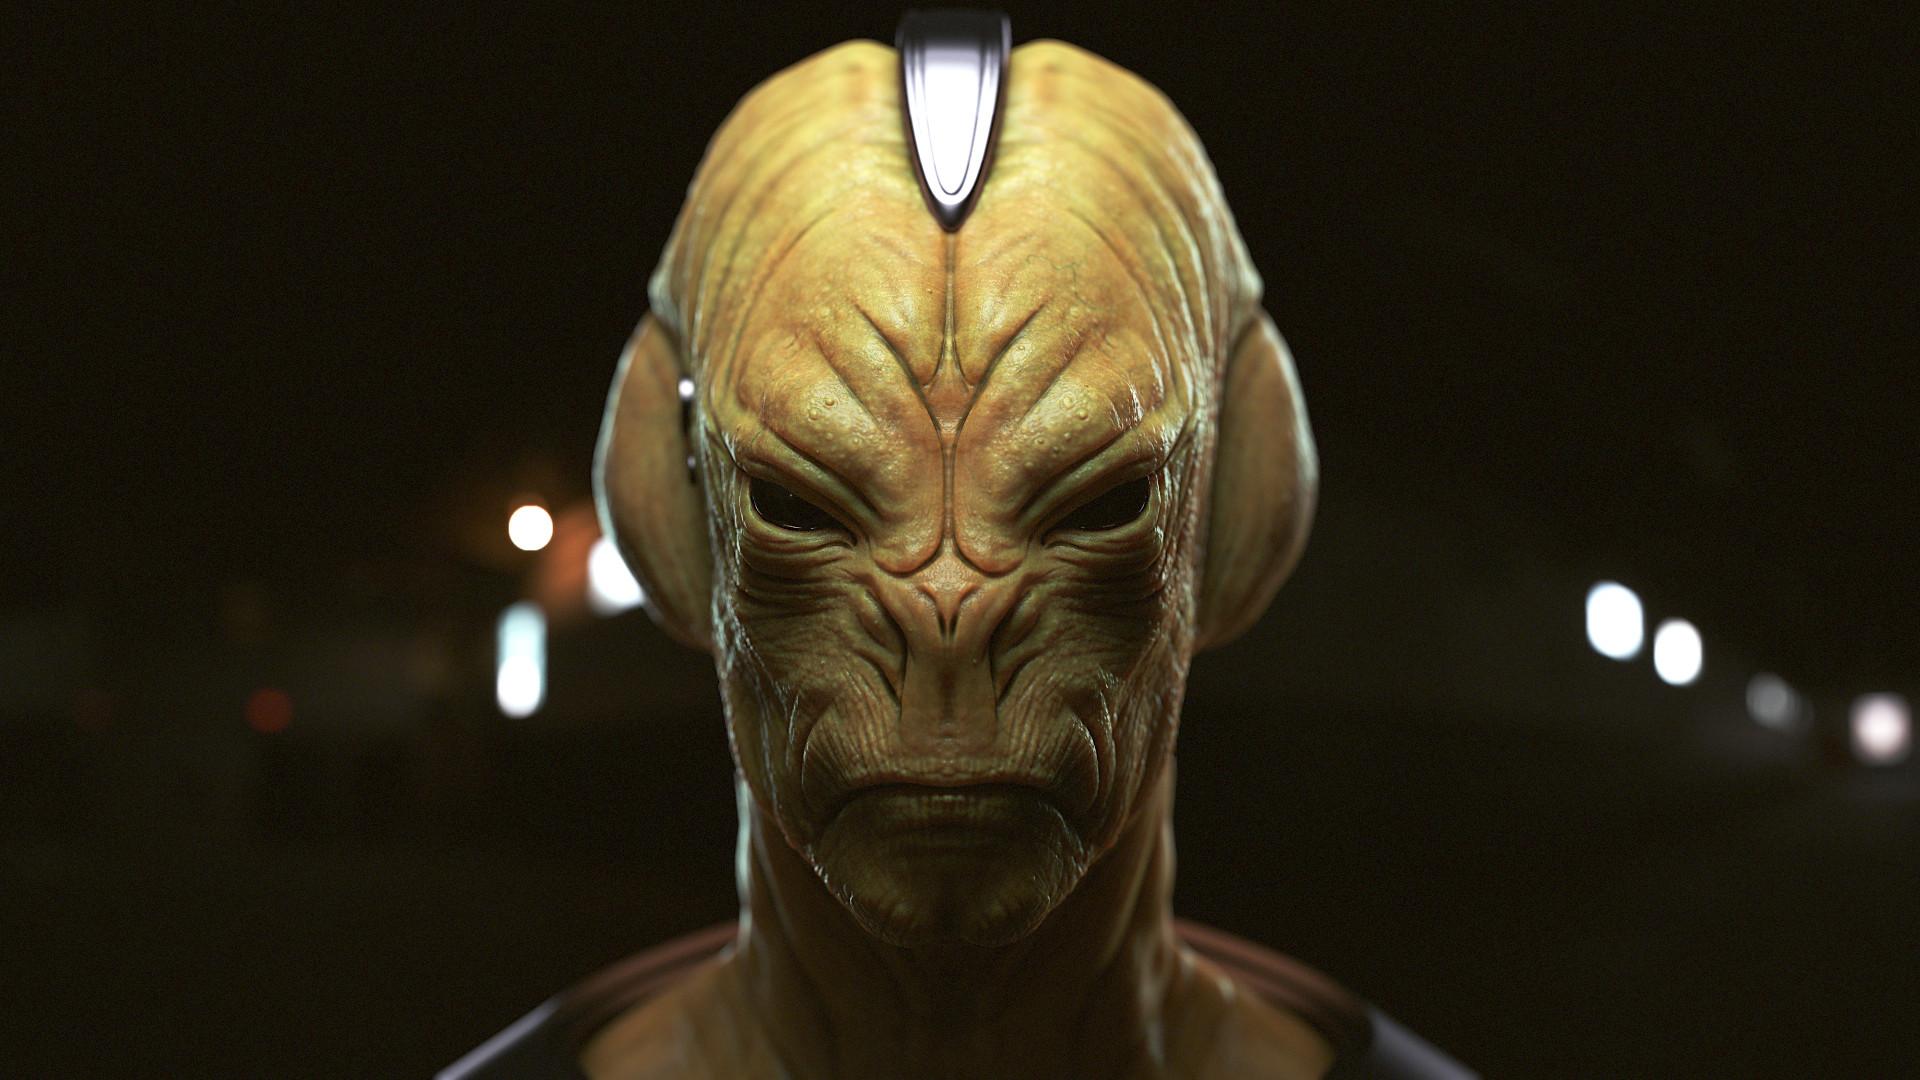 Ilhan yilmaz alien v03 21 comprender 150